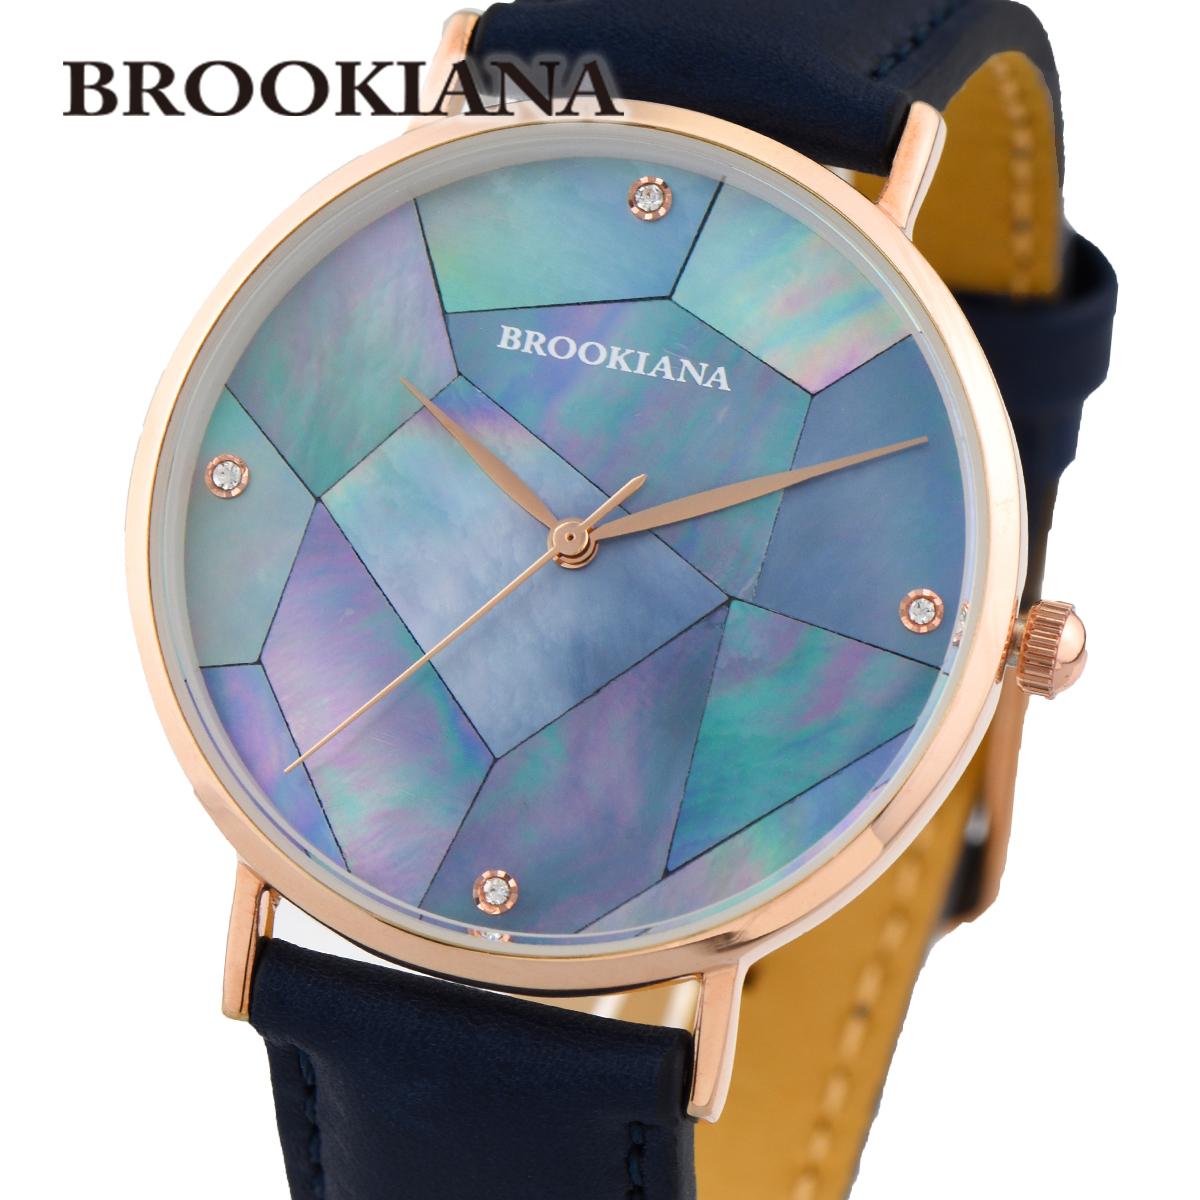 ブルッキアーナ 国内正規品 送料無料 あす楽 全品送料無料 往復送料無料 BROOKIANA ROUND SLIM BA3101-RPBLNV PEARL クオーツ 時計 腕時計 直営店 レディース